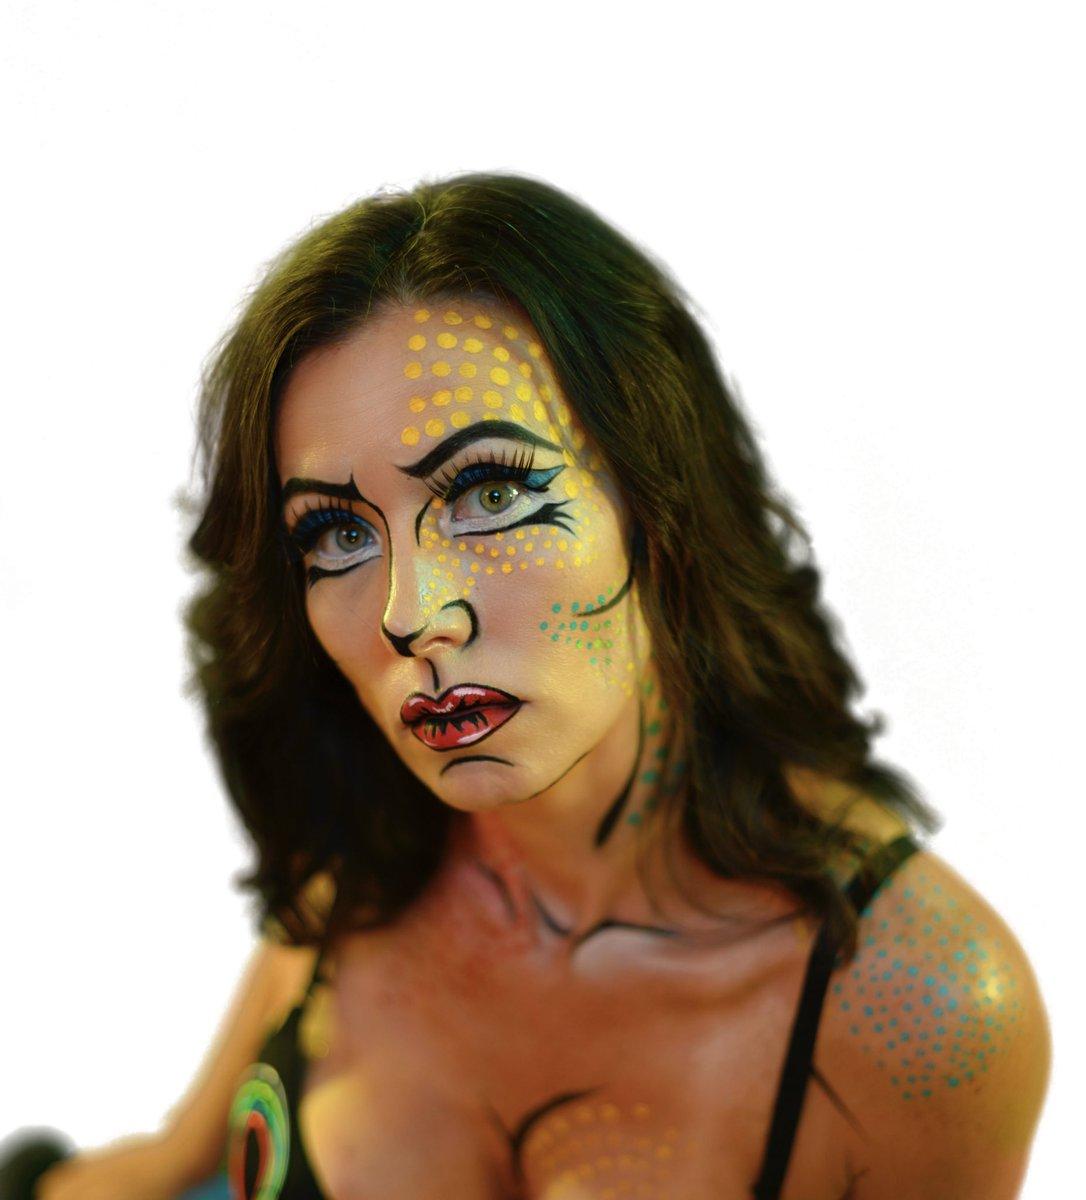 I had so much fun doing this Pop Art/Comic Book Makeup!!   Makeup: @Nurilynn  Model: @lady_theax  . . . #popartmakeup #hallowenmakeup #makeupartistcommunity #makeupcommunity #undiscoveredmuas #undiscoveredmakeupartist #makeupartistlosangeles #losangelesmakeuppic.twitter.com/Koassjd7zs